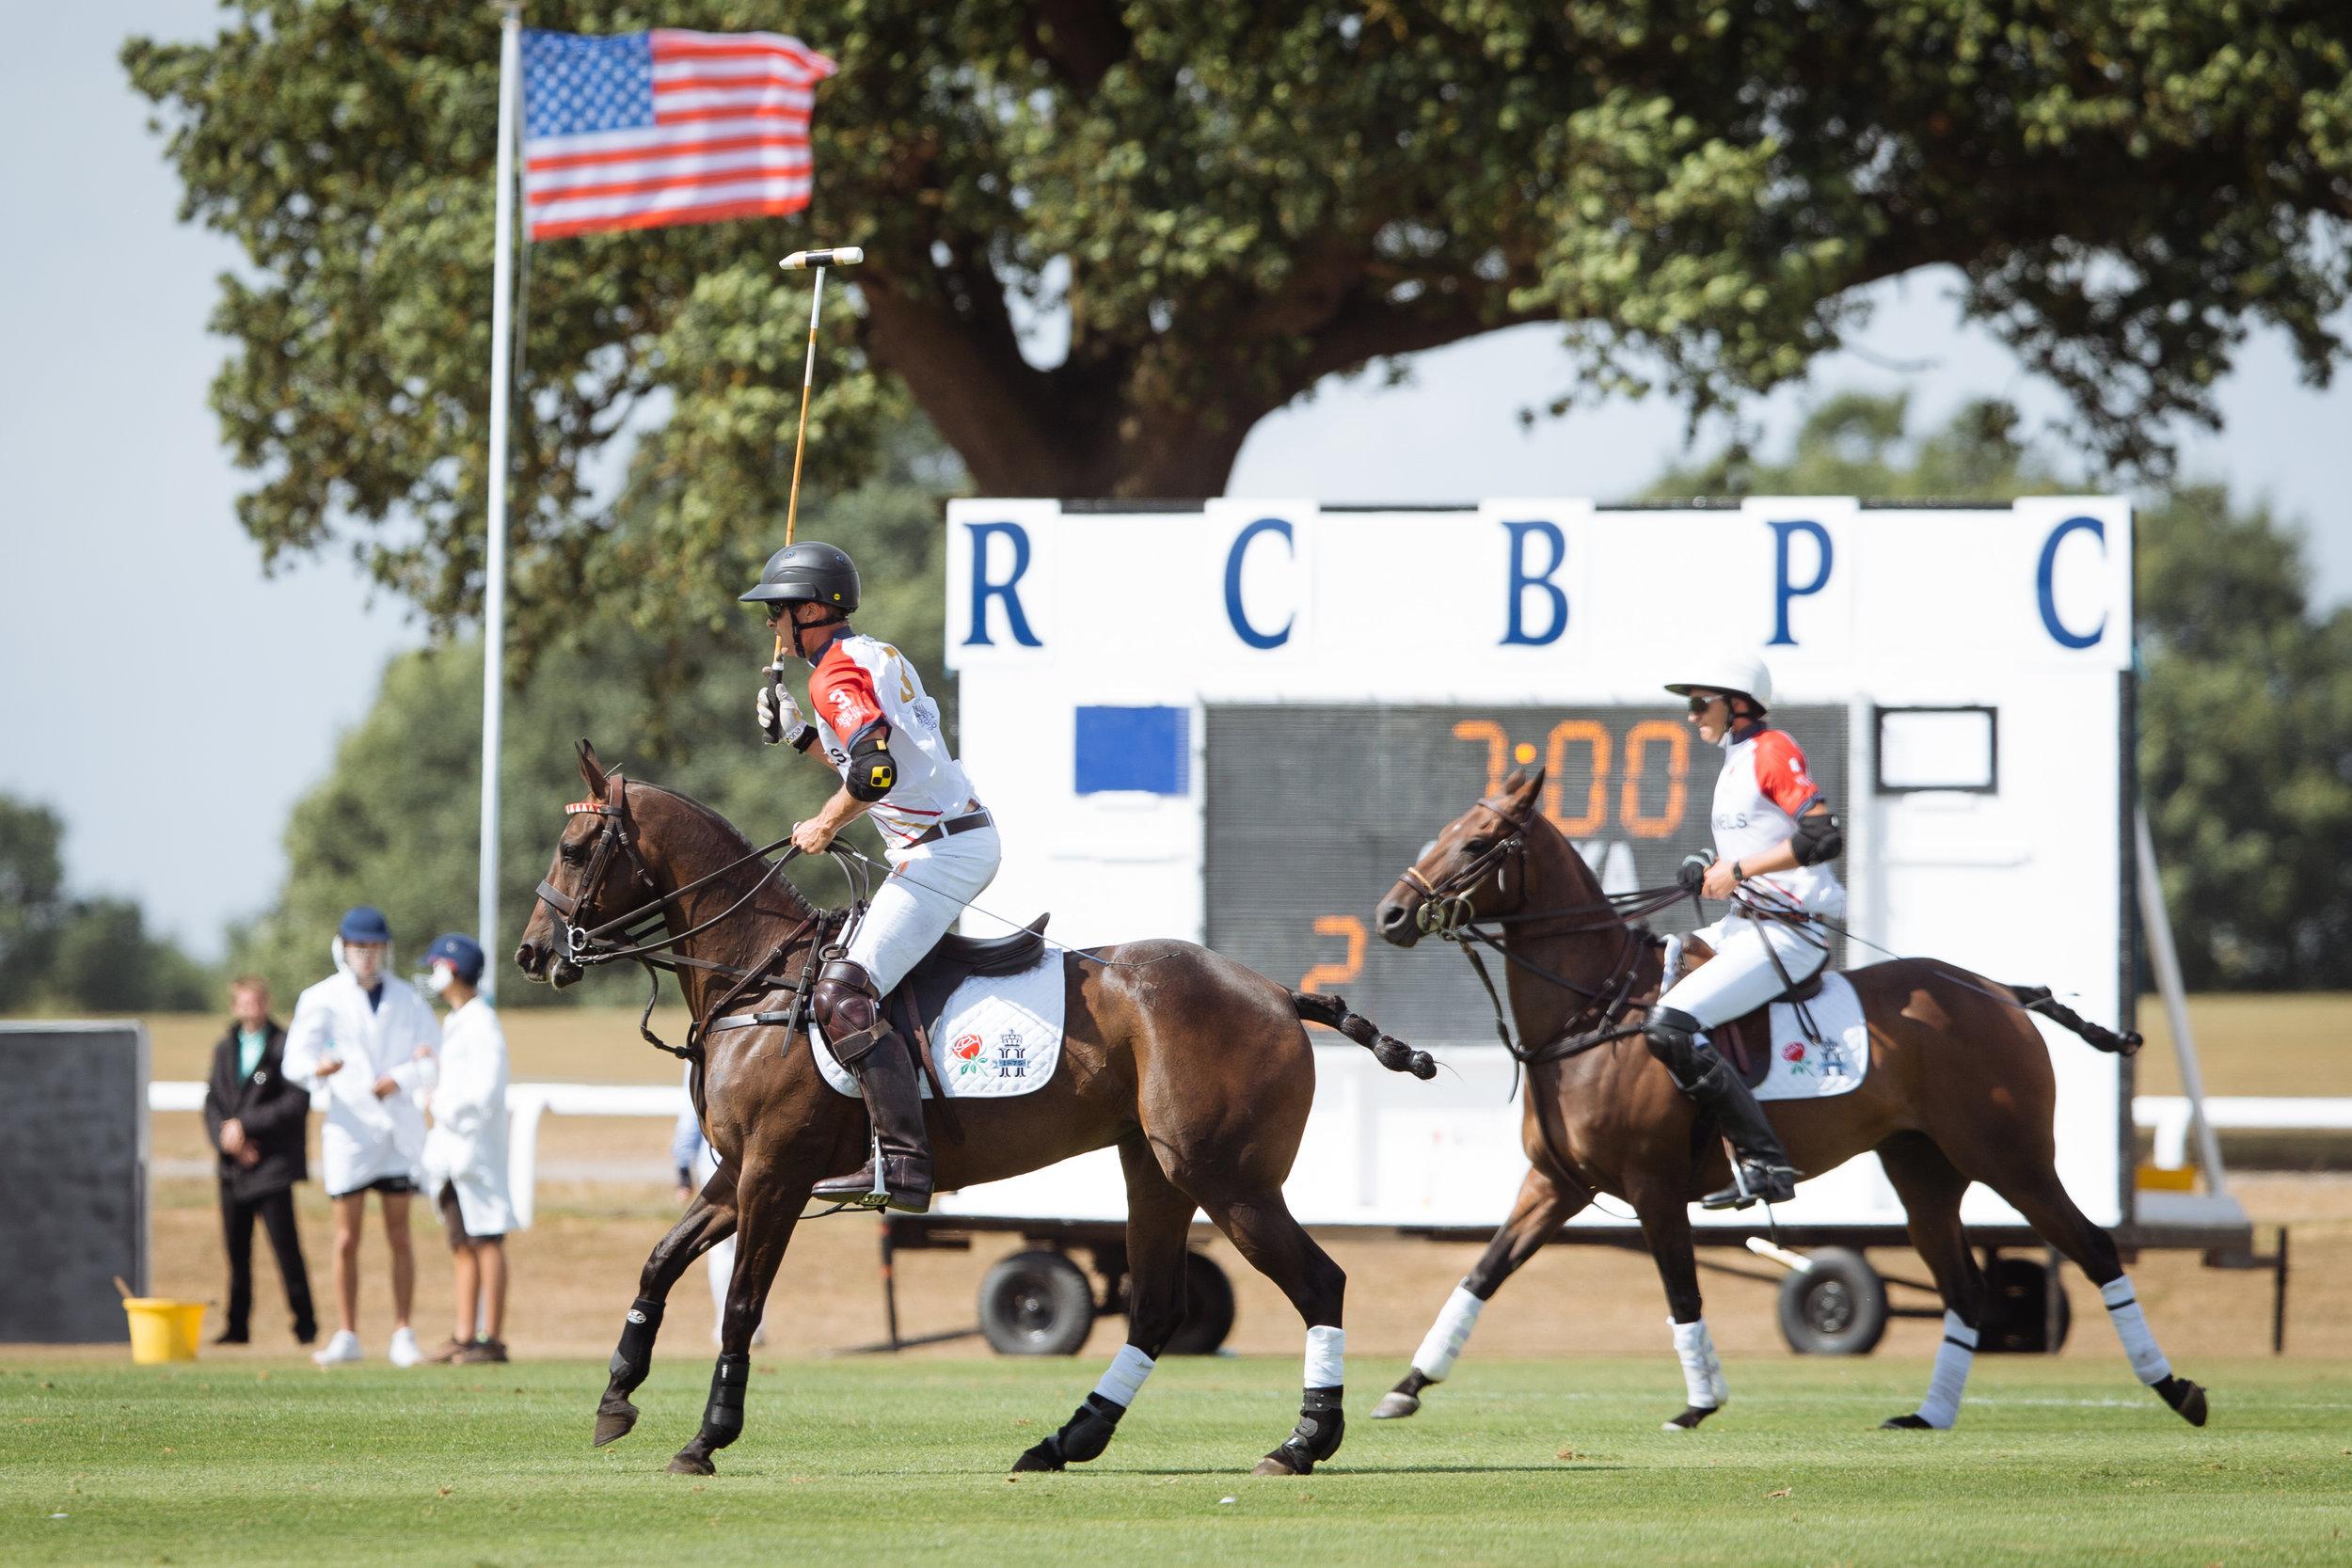 RBC International Sam Churchill v1-69.jpg